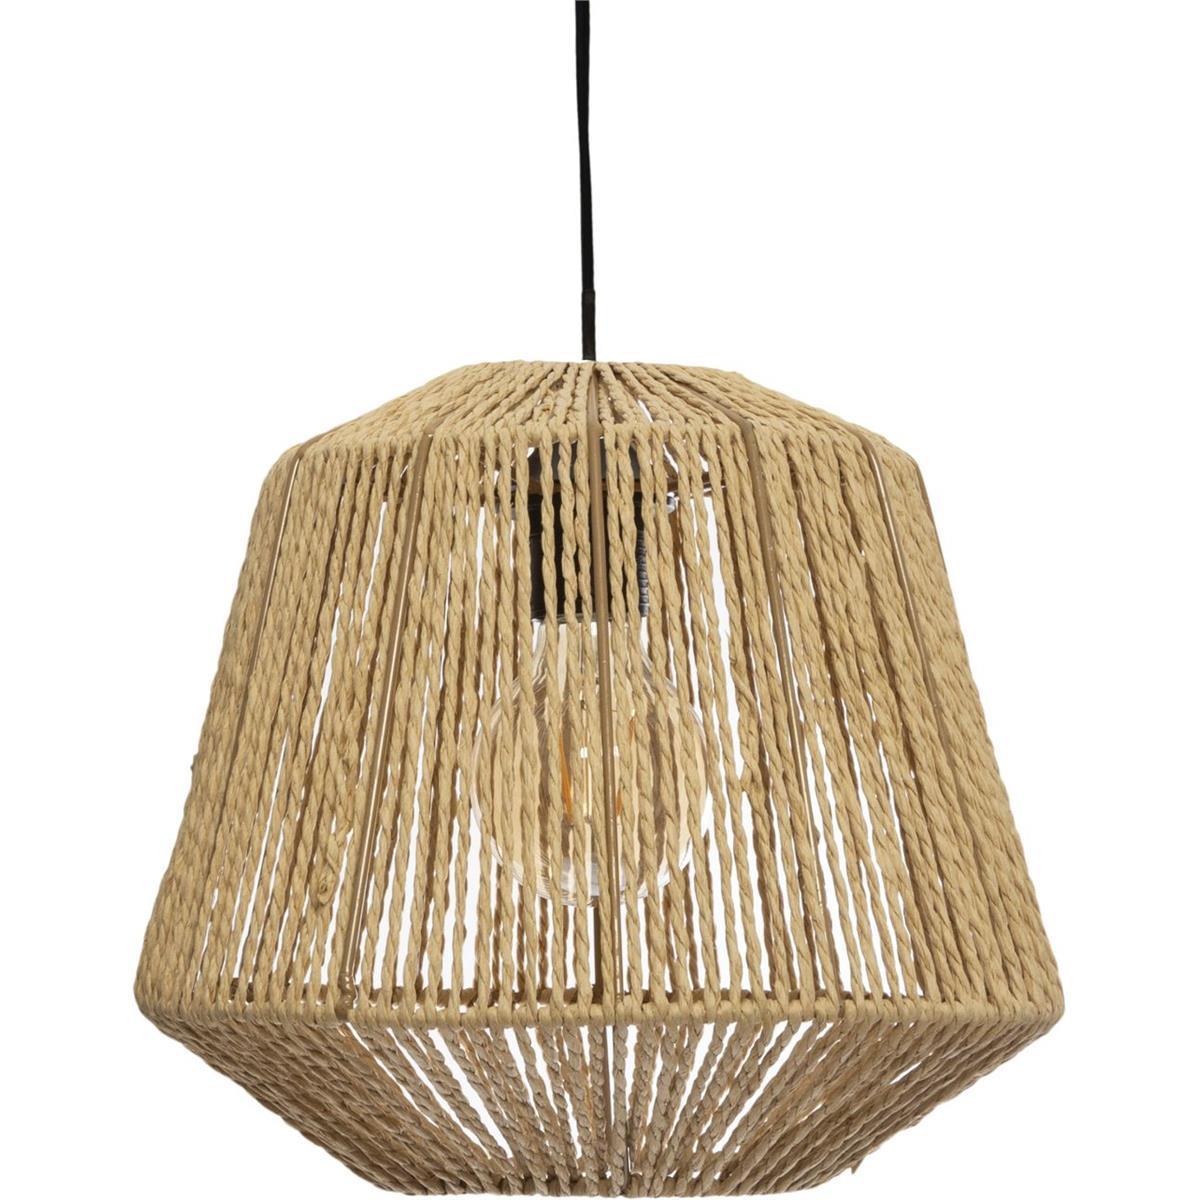 Lampa wisząca Jily 29 cm